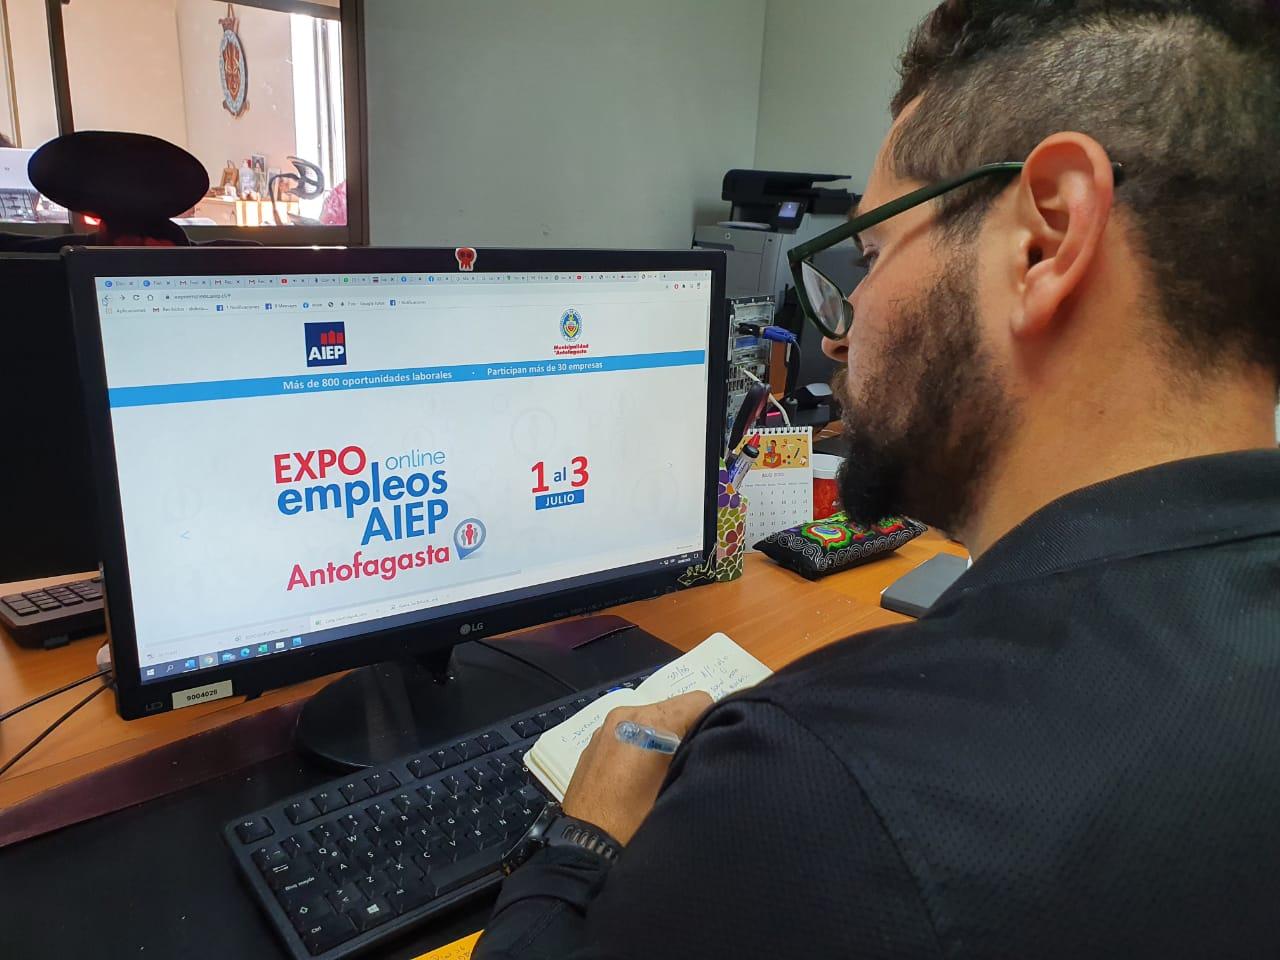 PRIMERA EXPO EMPLEOS ONLINE SE VIVIRÁ EN ANTOFAGASTA